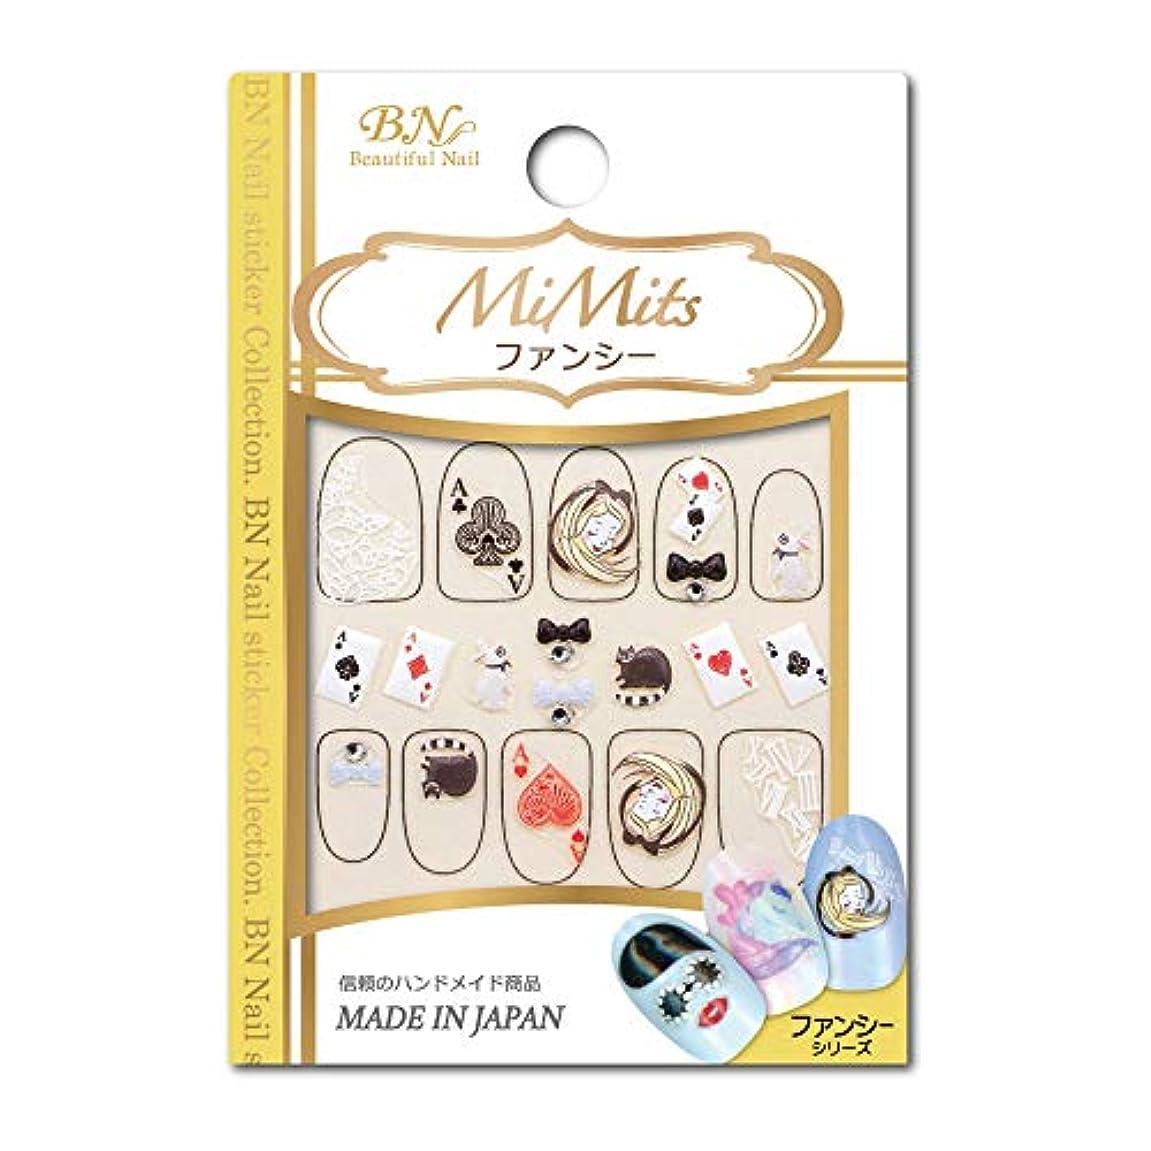 曲がった違うジャンプBN MiMits ファンシーシリーズ FSC-05 アリス (1シート)